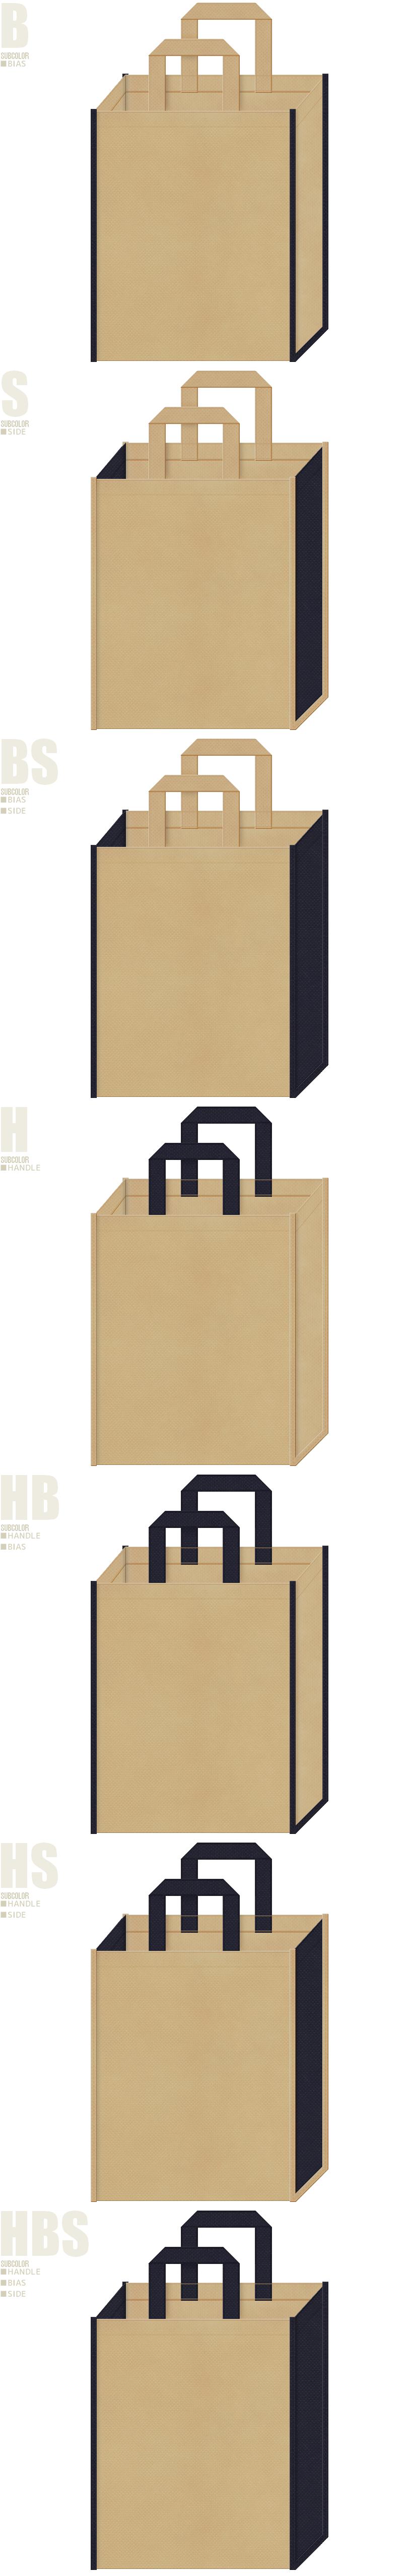 カーキ色と濃紺色、7パターンの不織布トートバッグ配色デザイン例。カジュアルファッションのショッピングバッグにお奨めです。